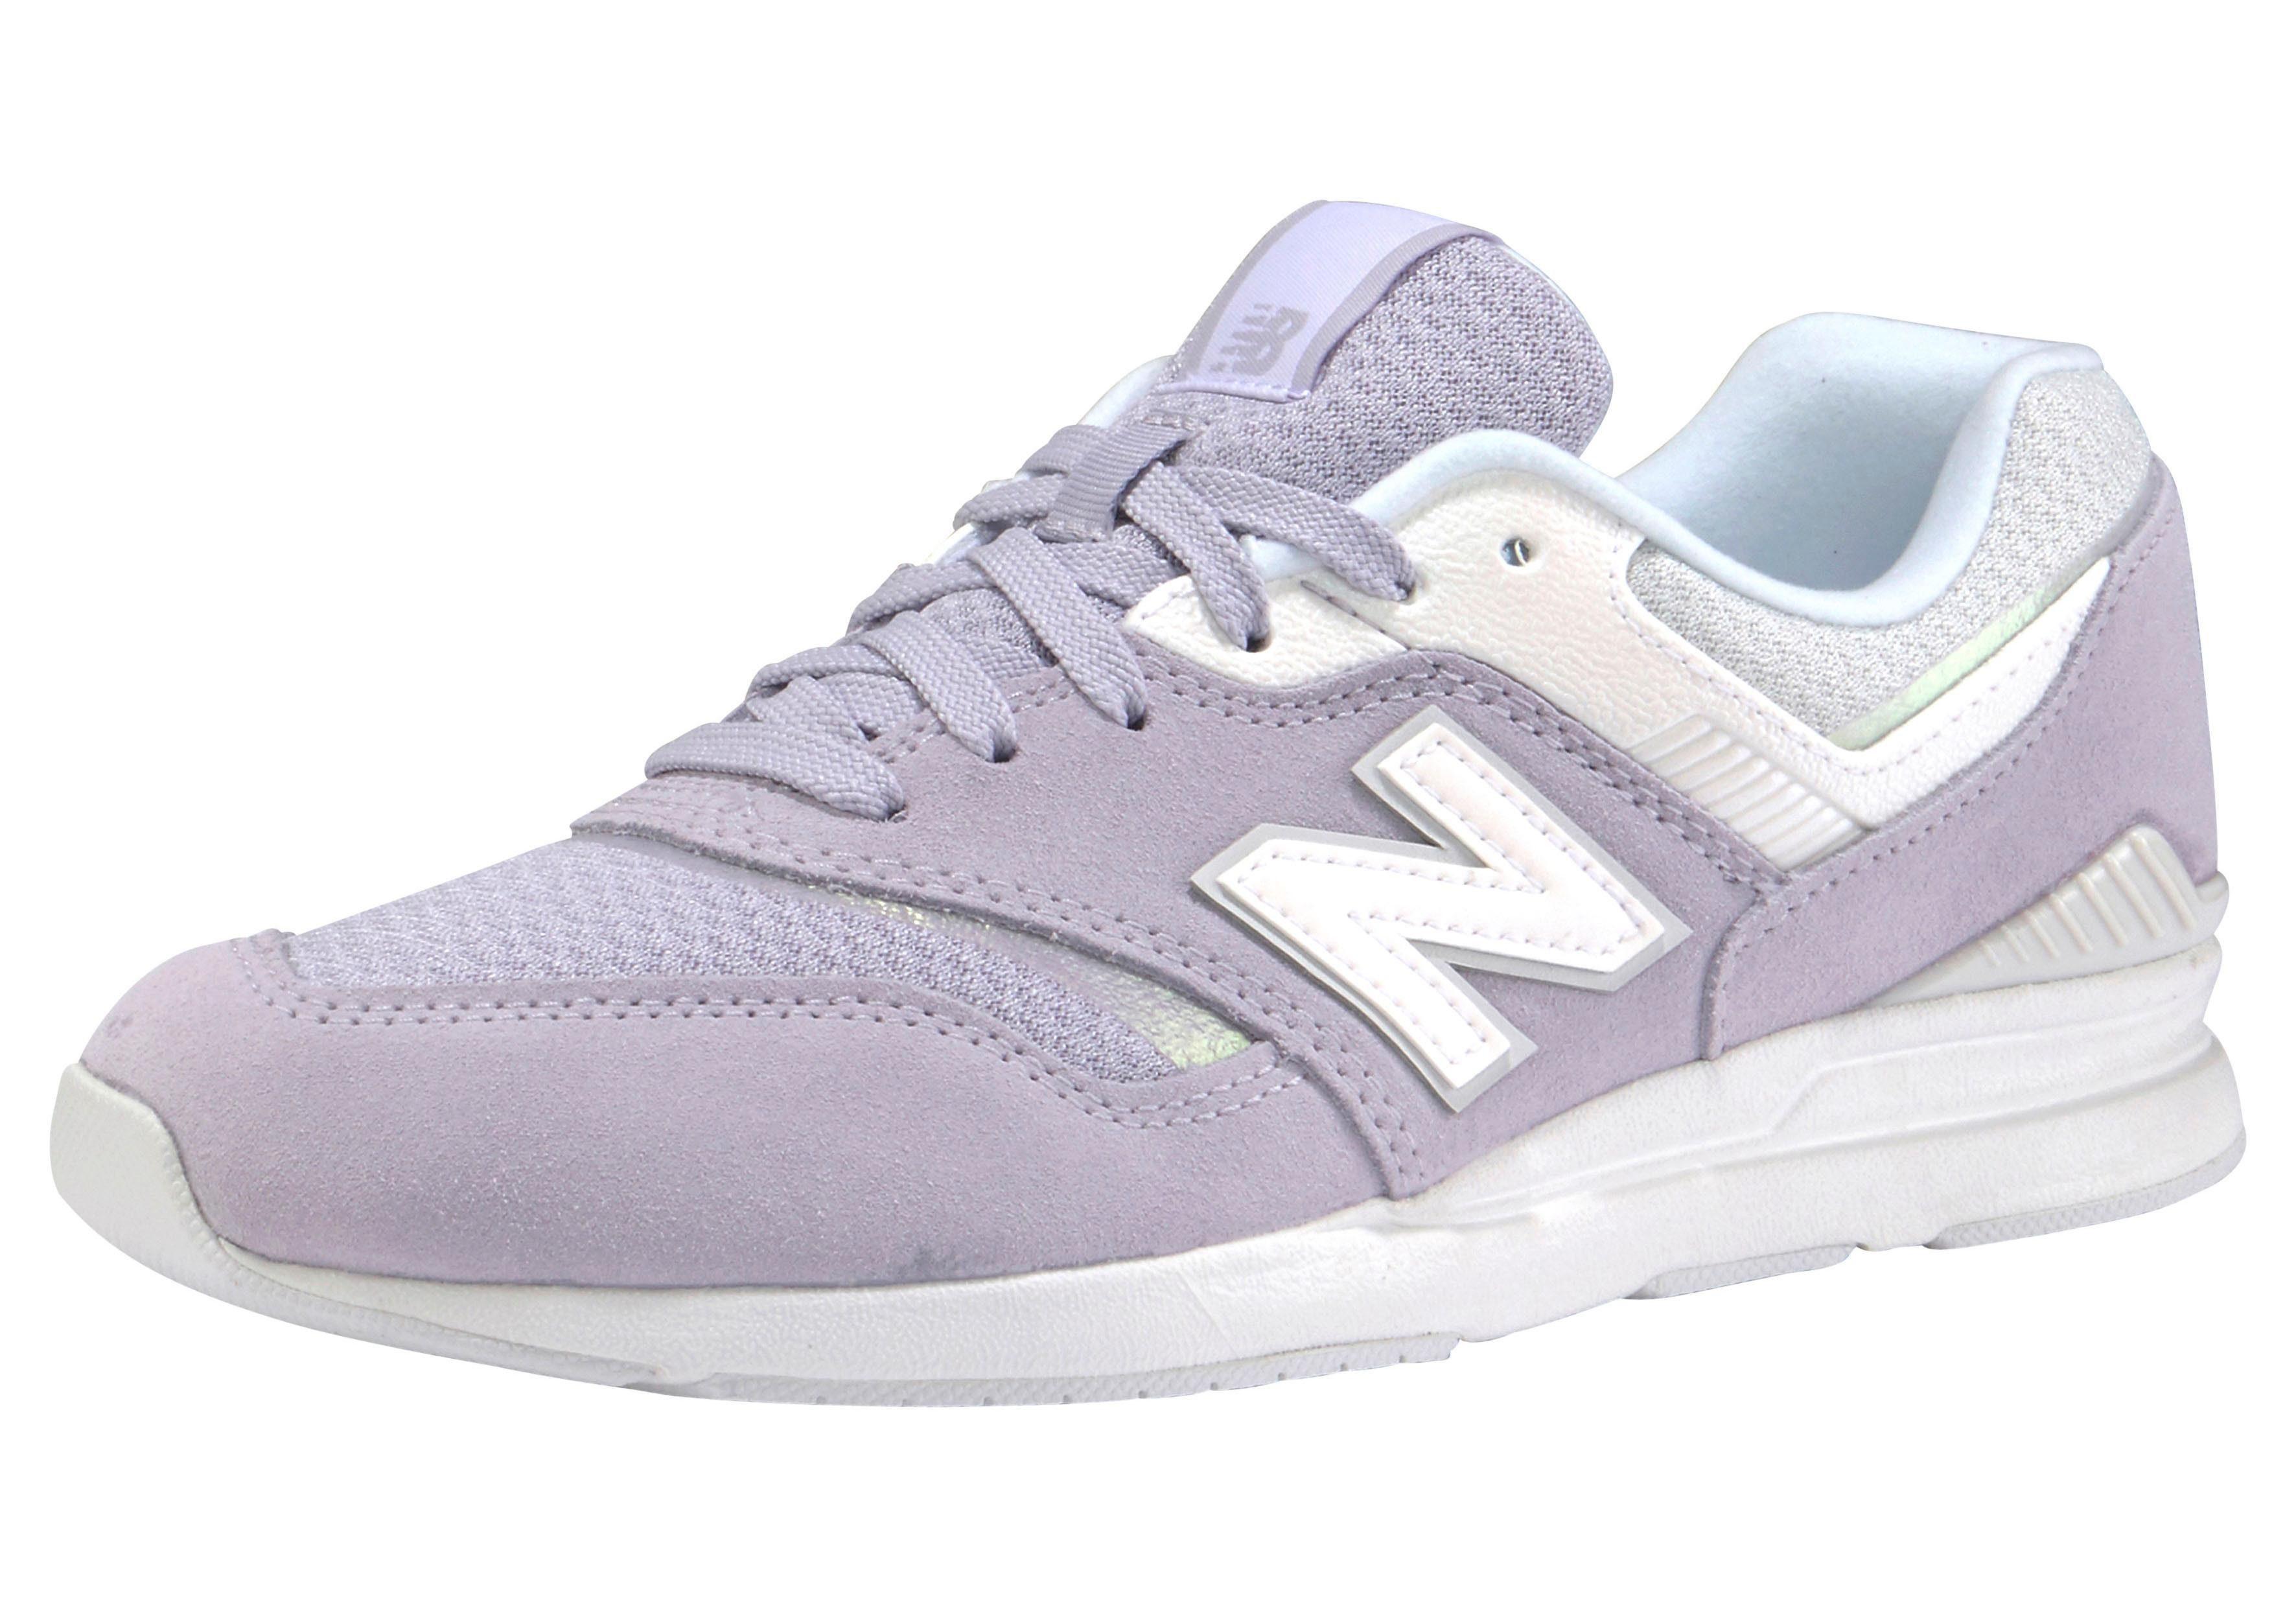 New Balance WL 697 Sneaker online kaufen  flieder